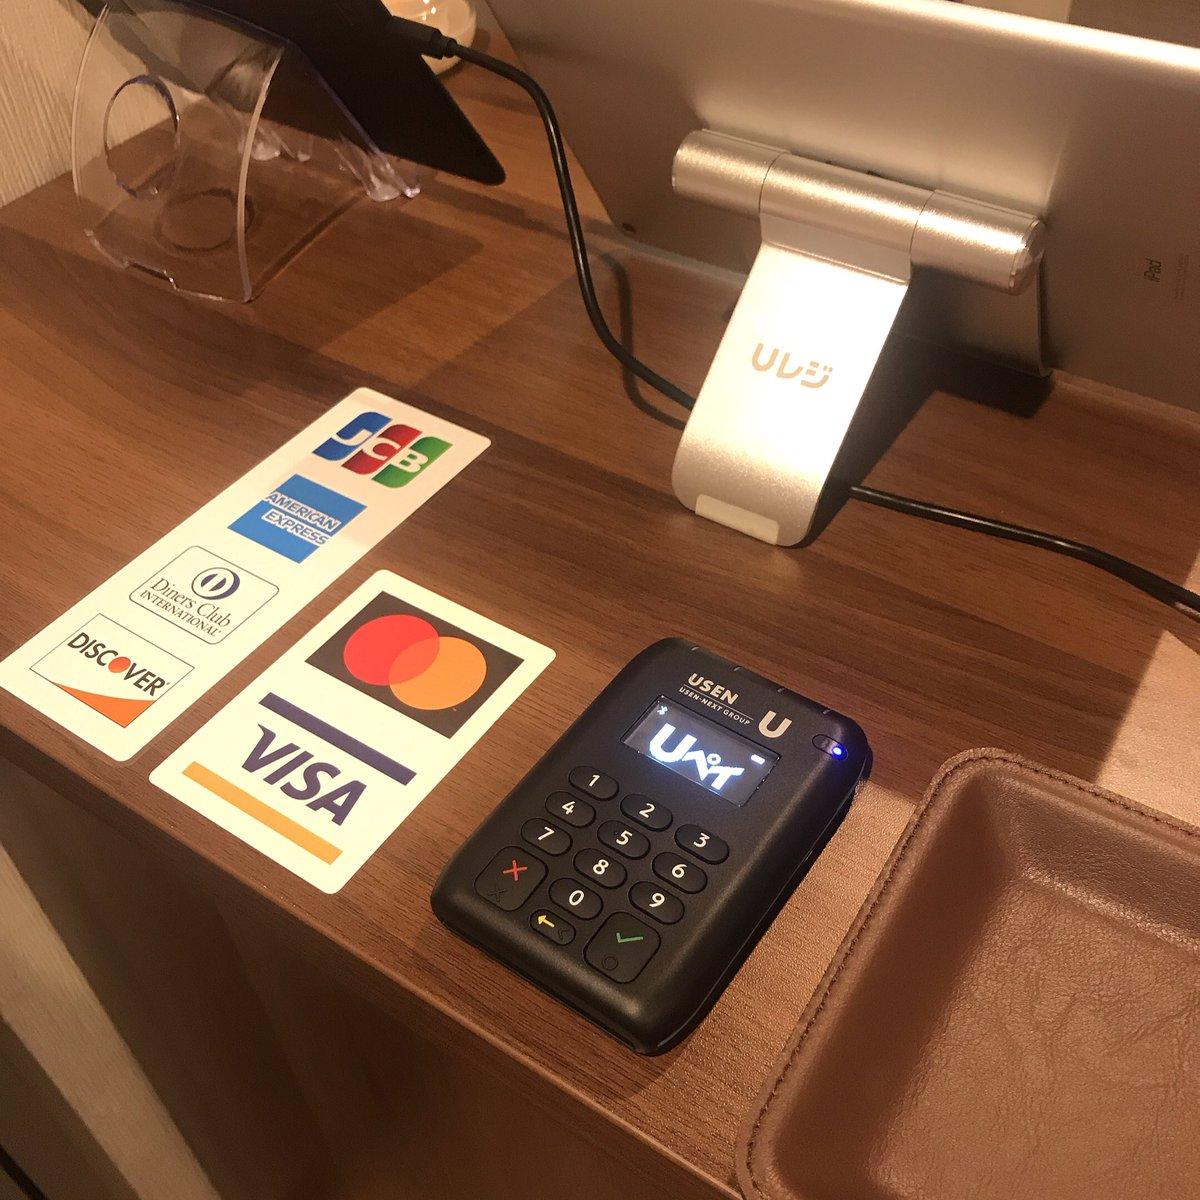 カード決済の申請に一カ月ぐらいかかってしまいお客様にご不便をおかけしてしまいました。明日からはカード決済対応になりましたのでよろしくお願いします!りら+【りらぷらす】